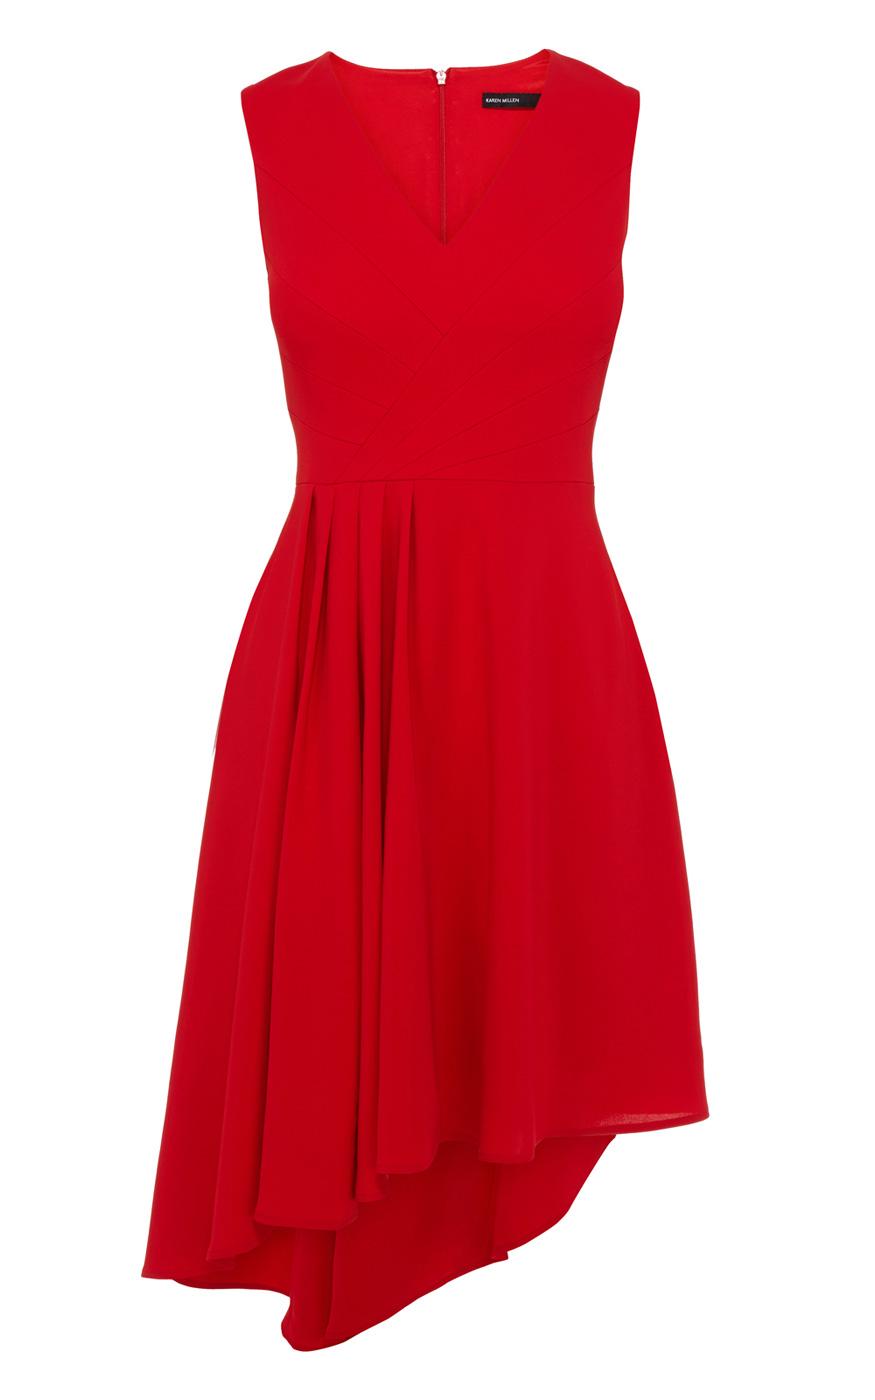 Karen Millen, Asymmetric Dress £180